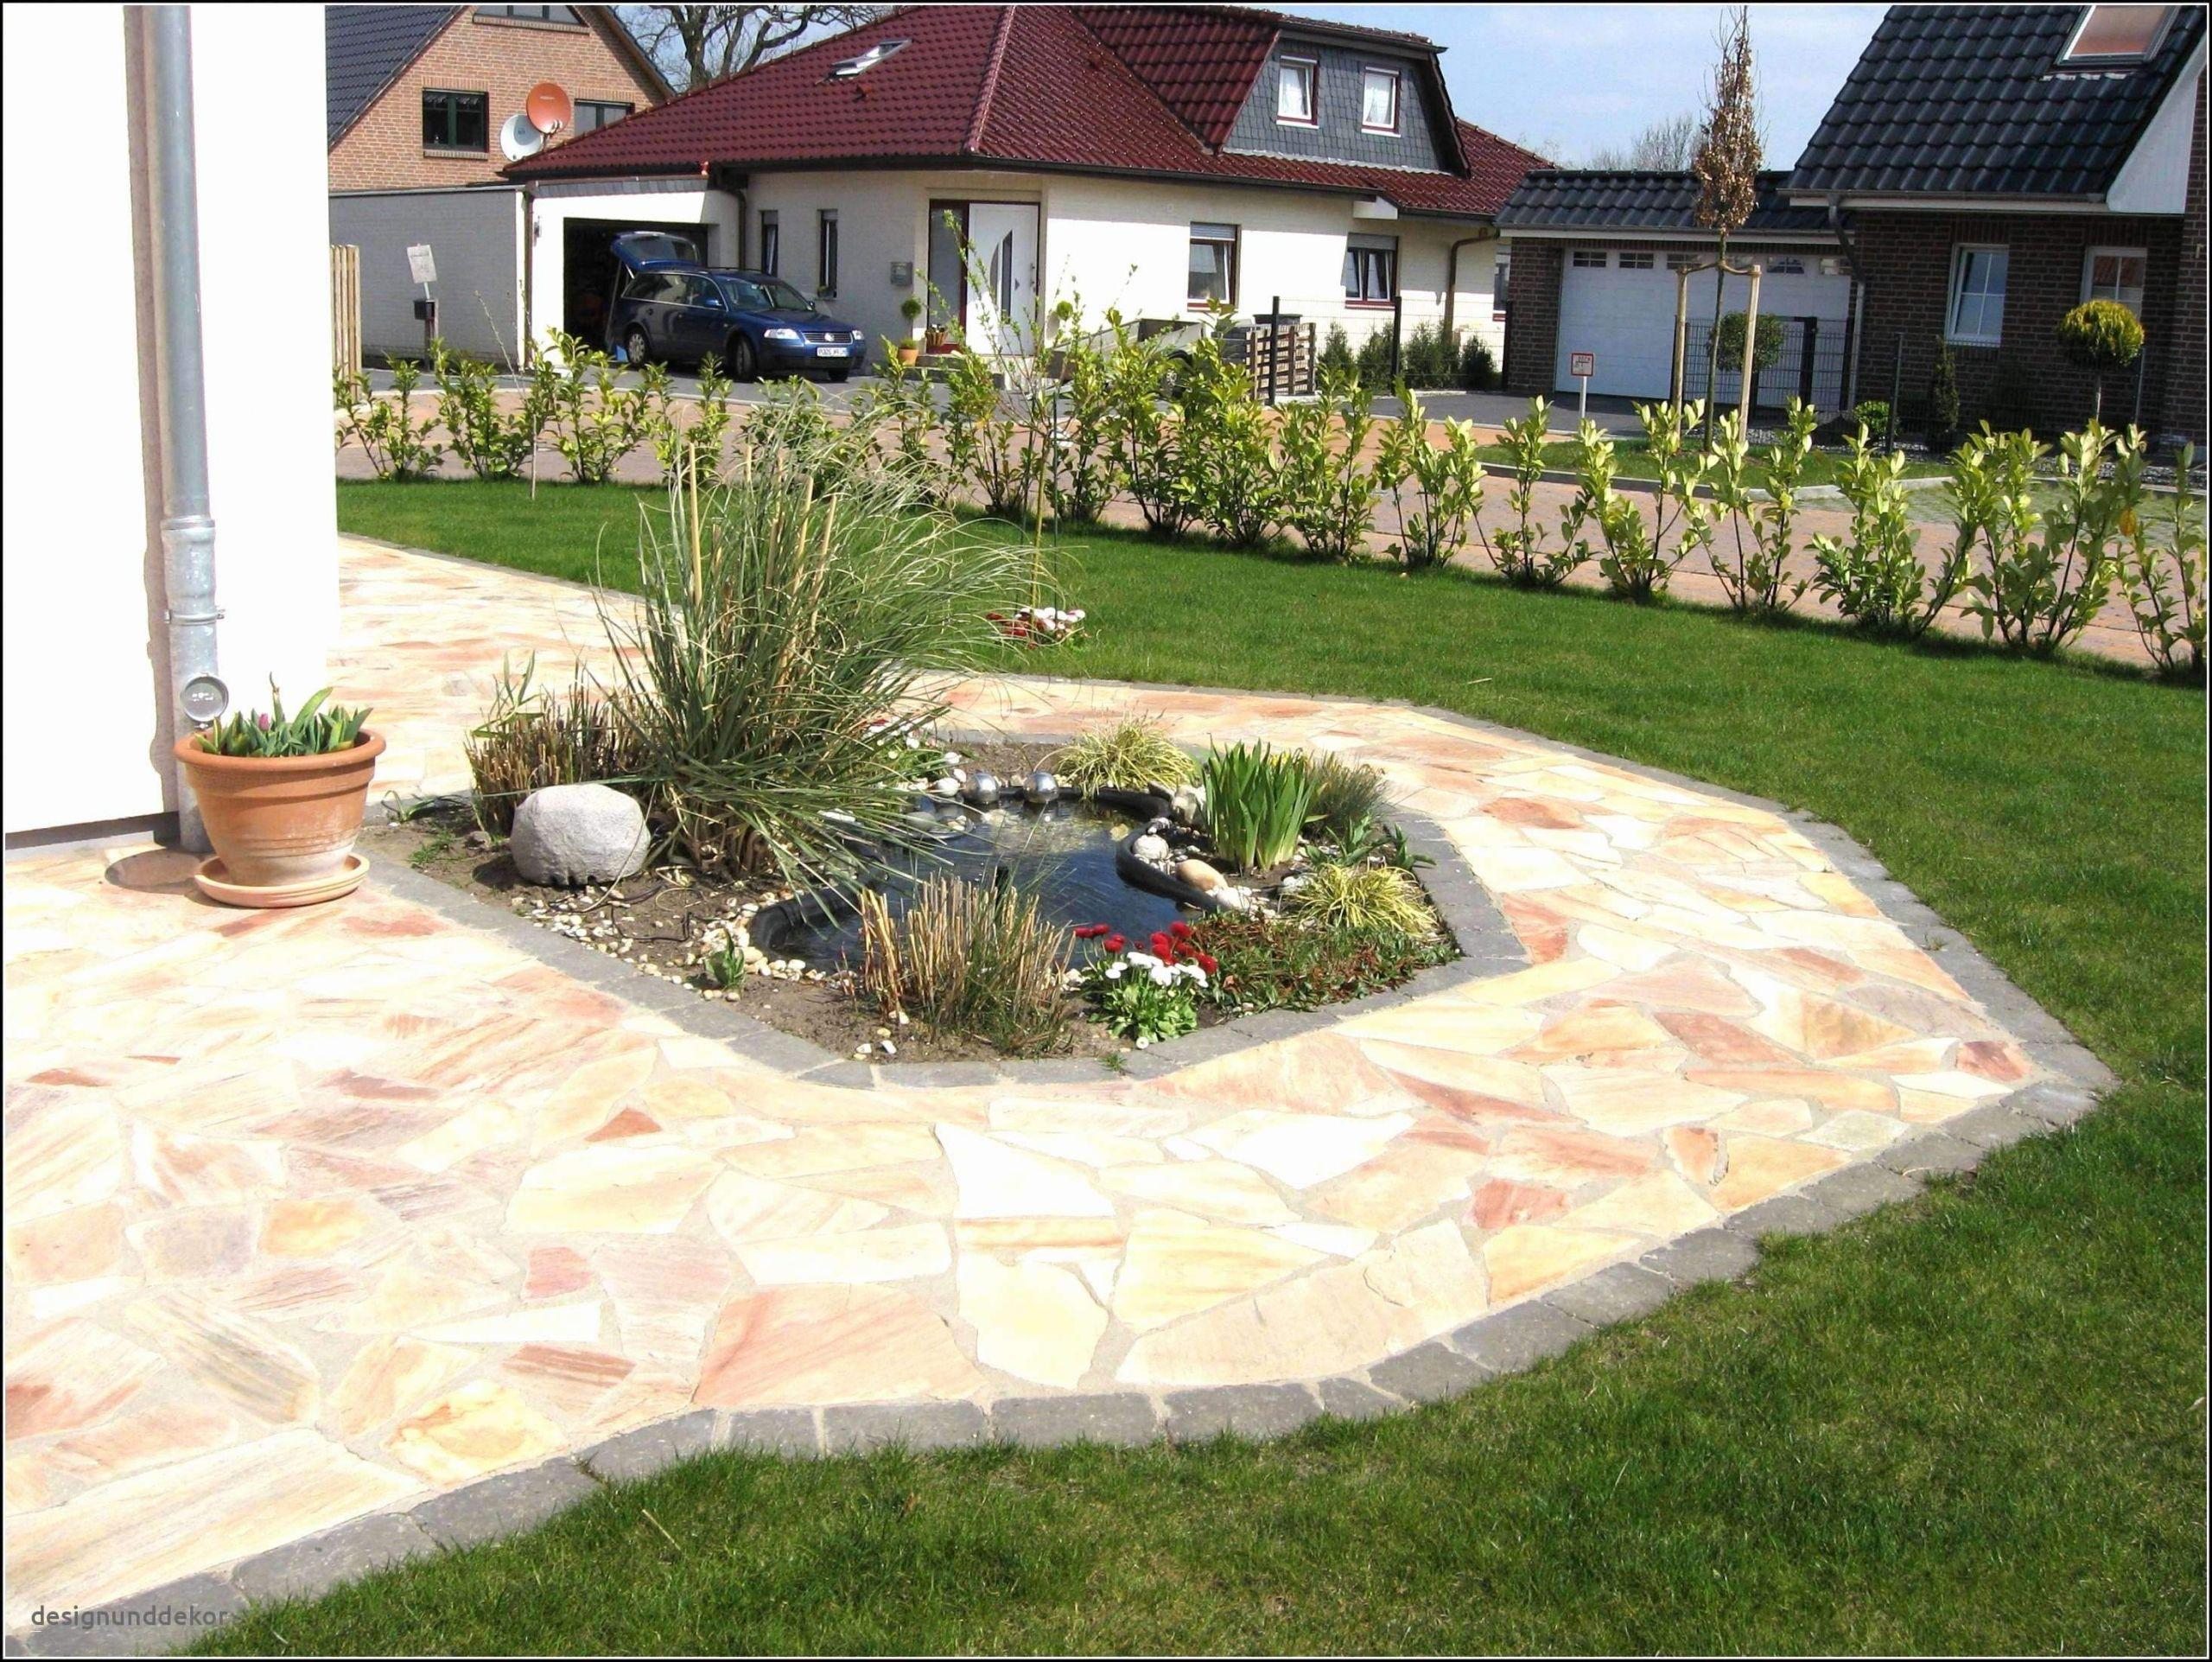 Kleiner Garten Schön Konzept 42 Für Gartengestaltung Bilder Kleiner Garten